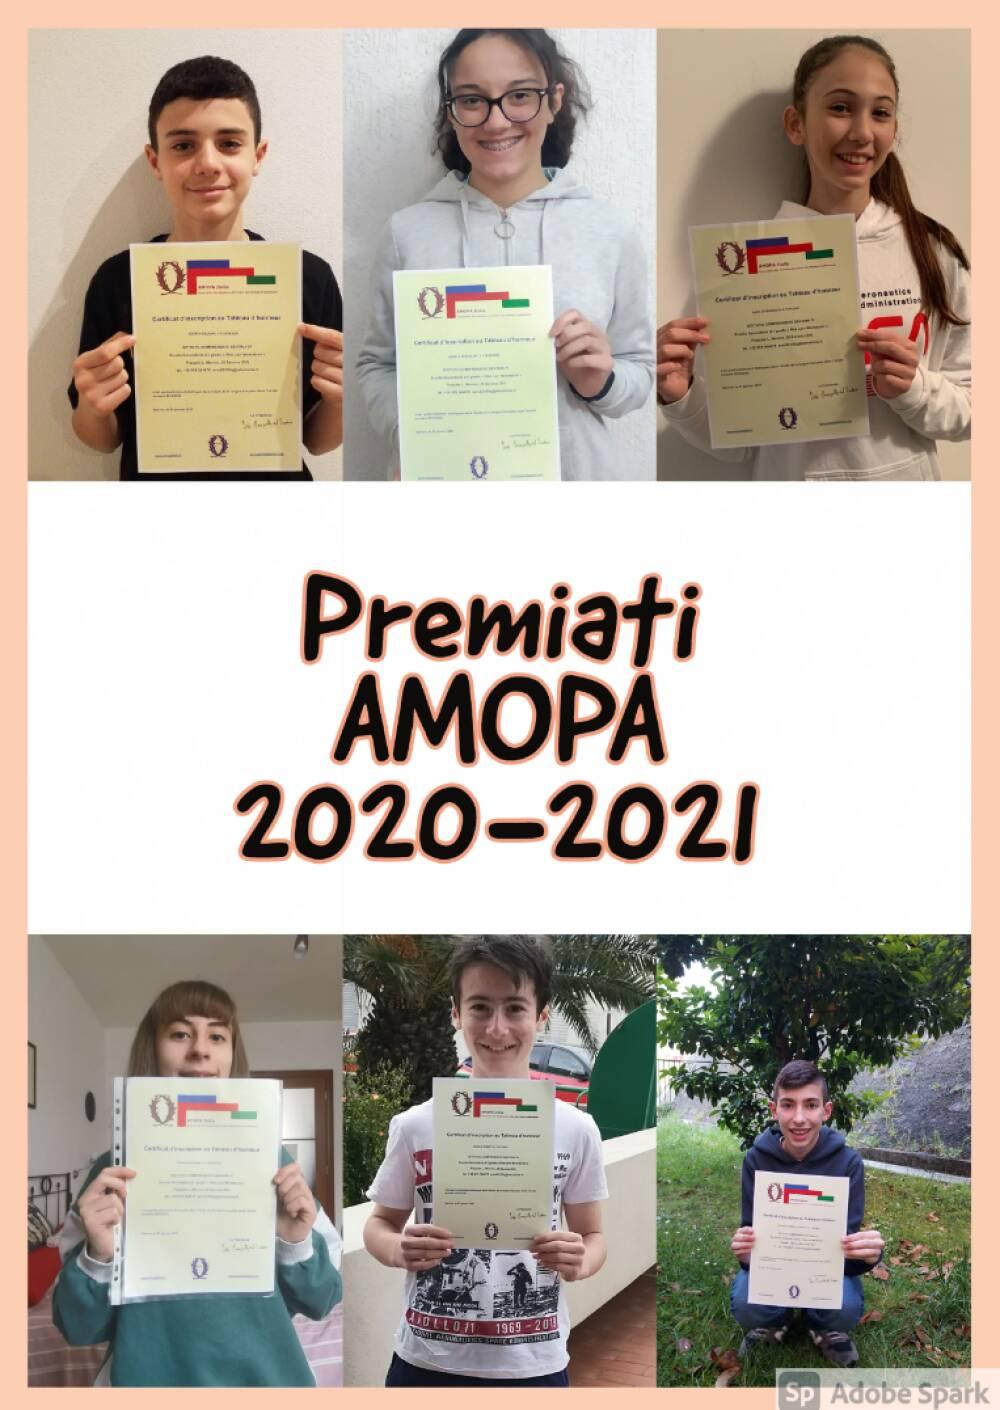 Premiati Amopa1